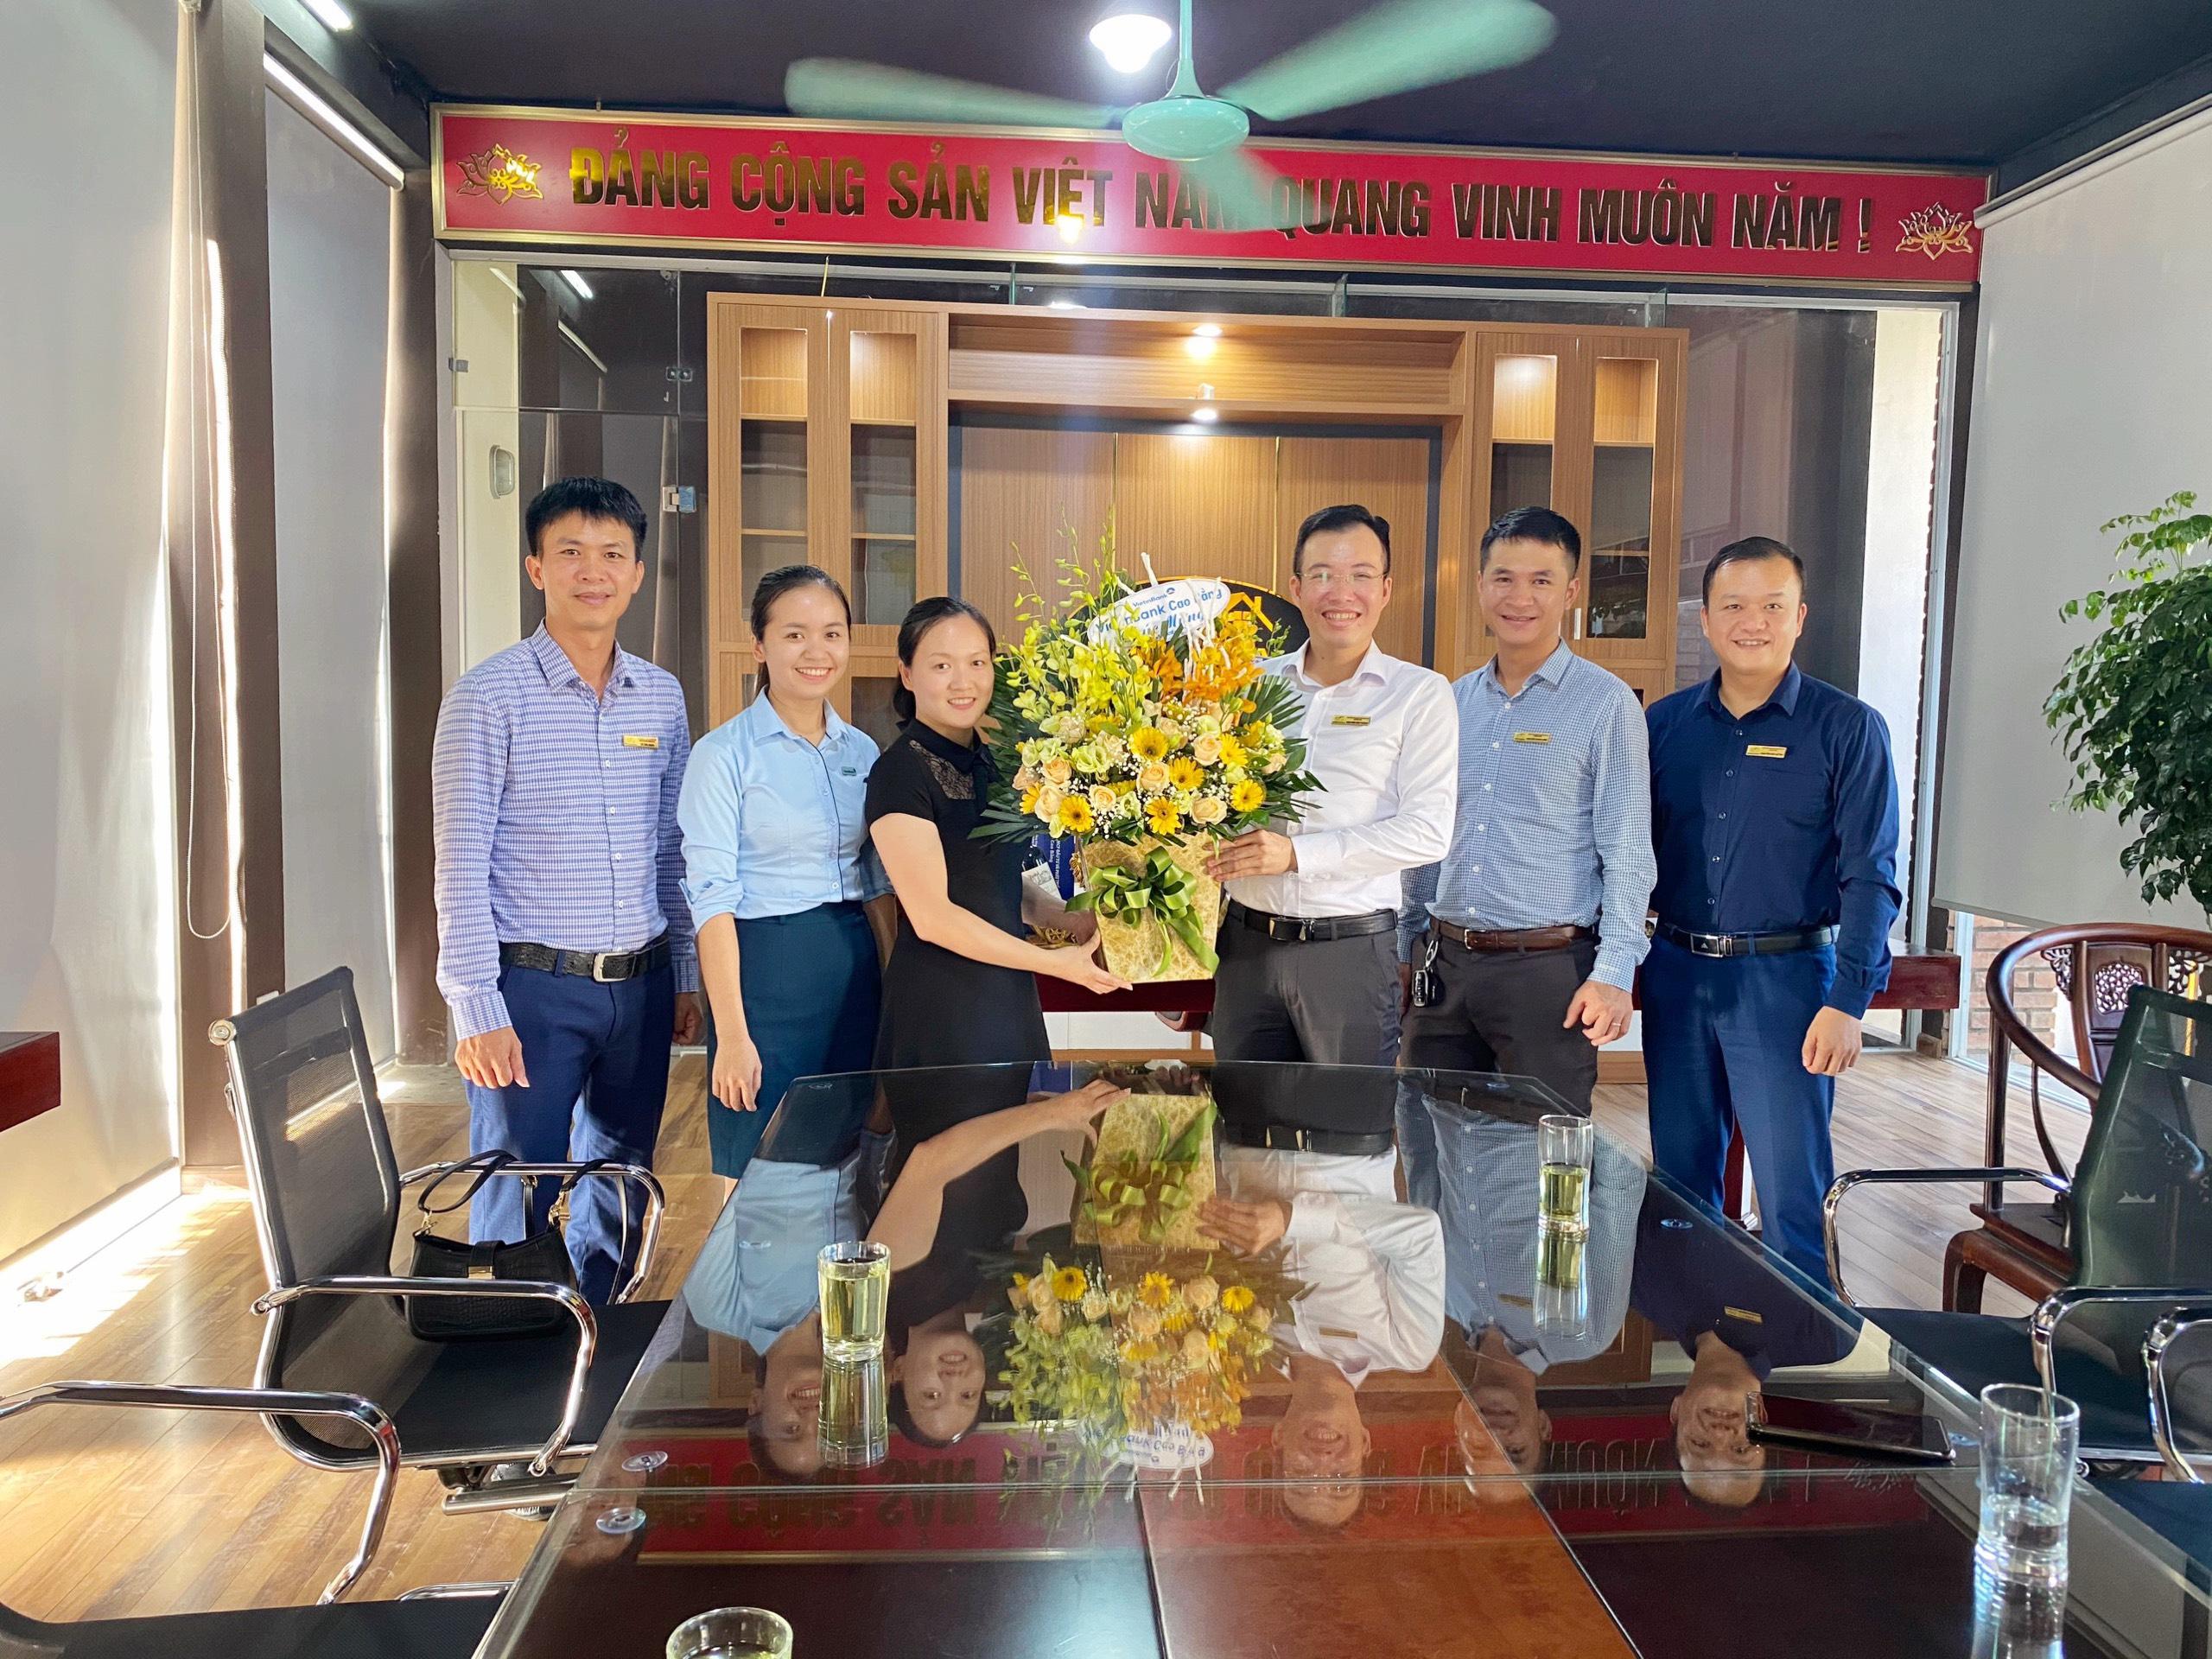 Đơn vị đối tác ngân hàng Viettinbank Cao Bằng và ngân hàng BIDV Cao Bằng tặng hoa nhân dịp sinh nhật Giám đốc Nguyễn Văn Thành.